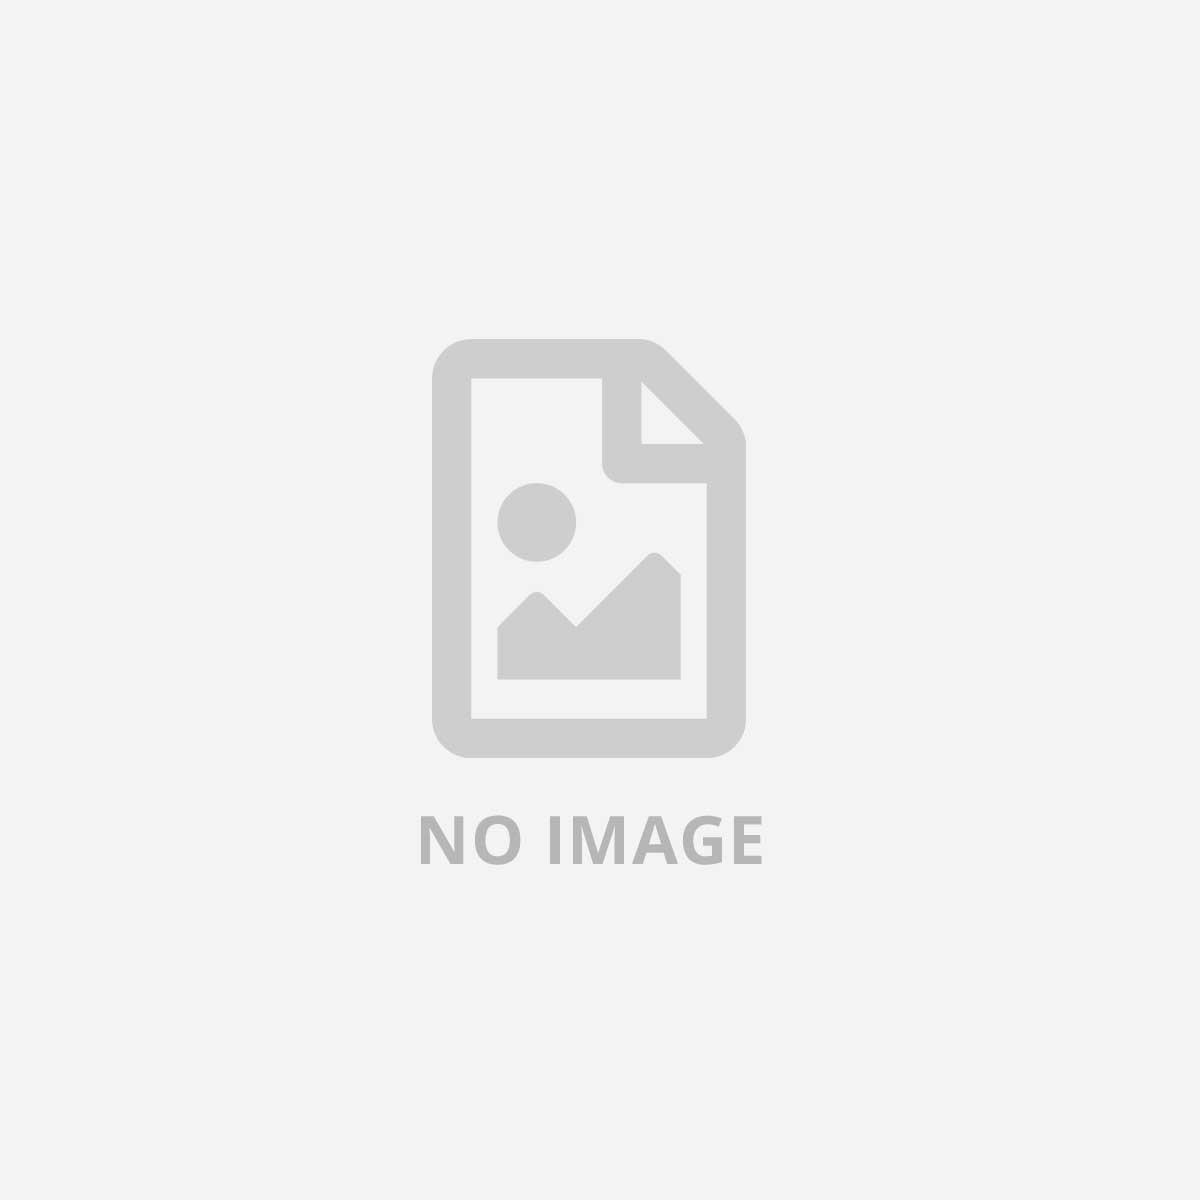 LAVAGNA INTERATT STARBOARD FX79E2